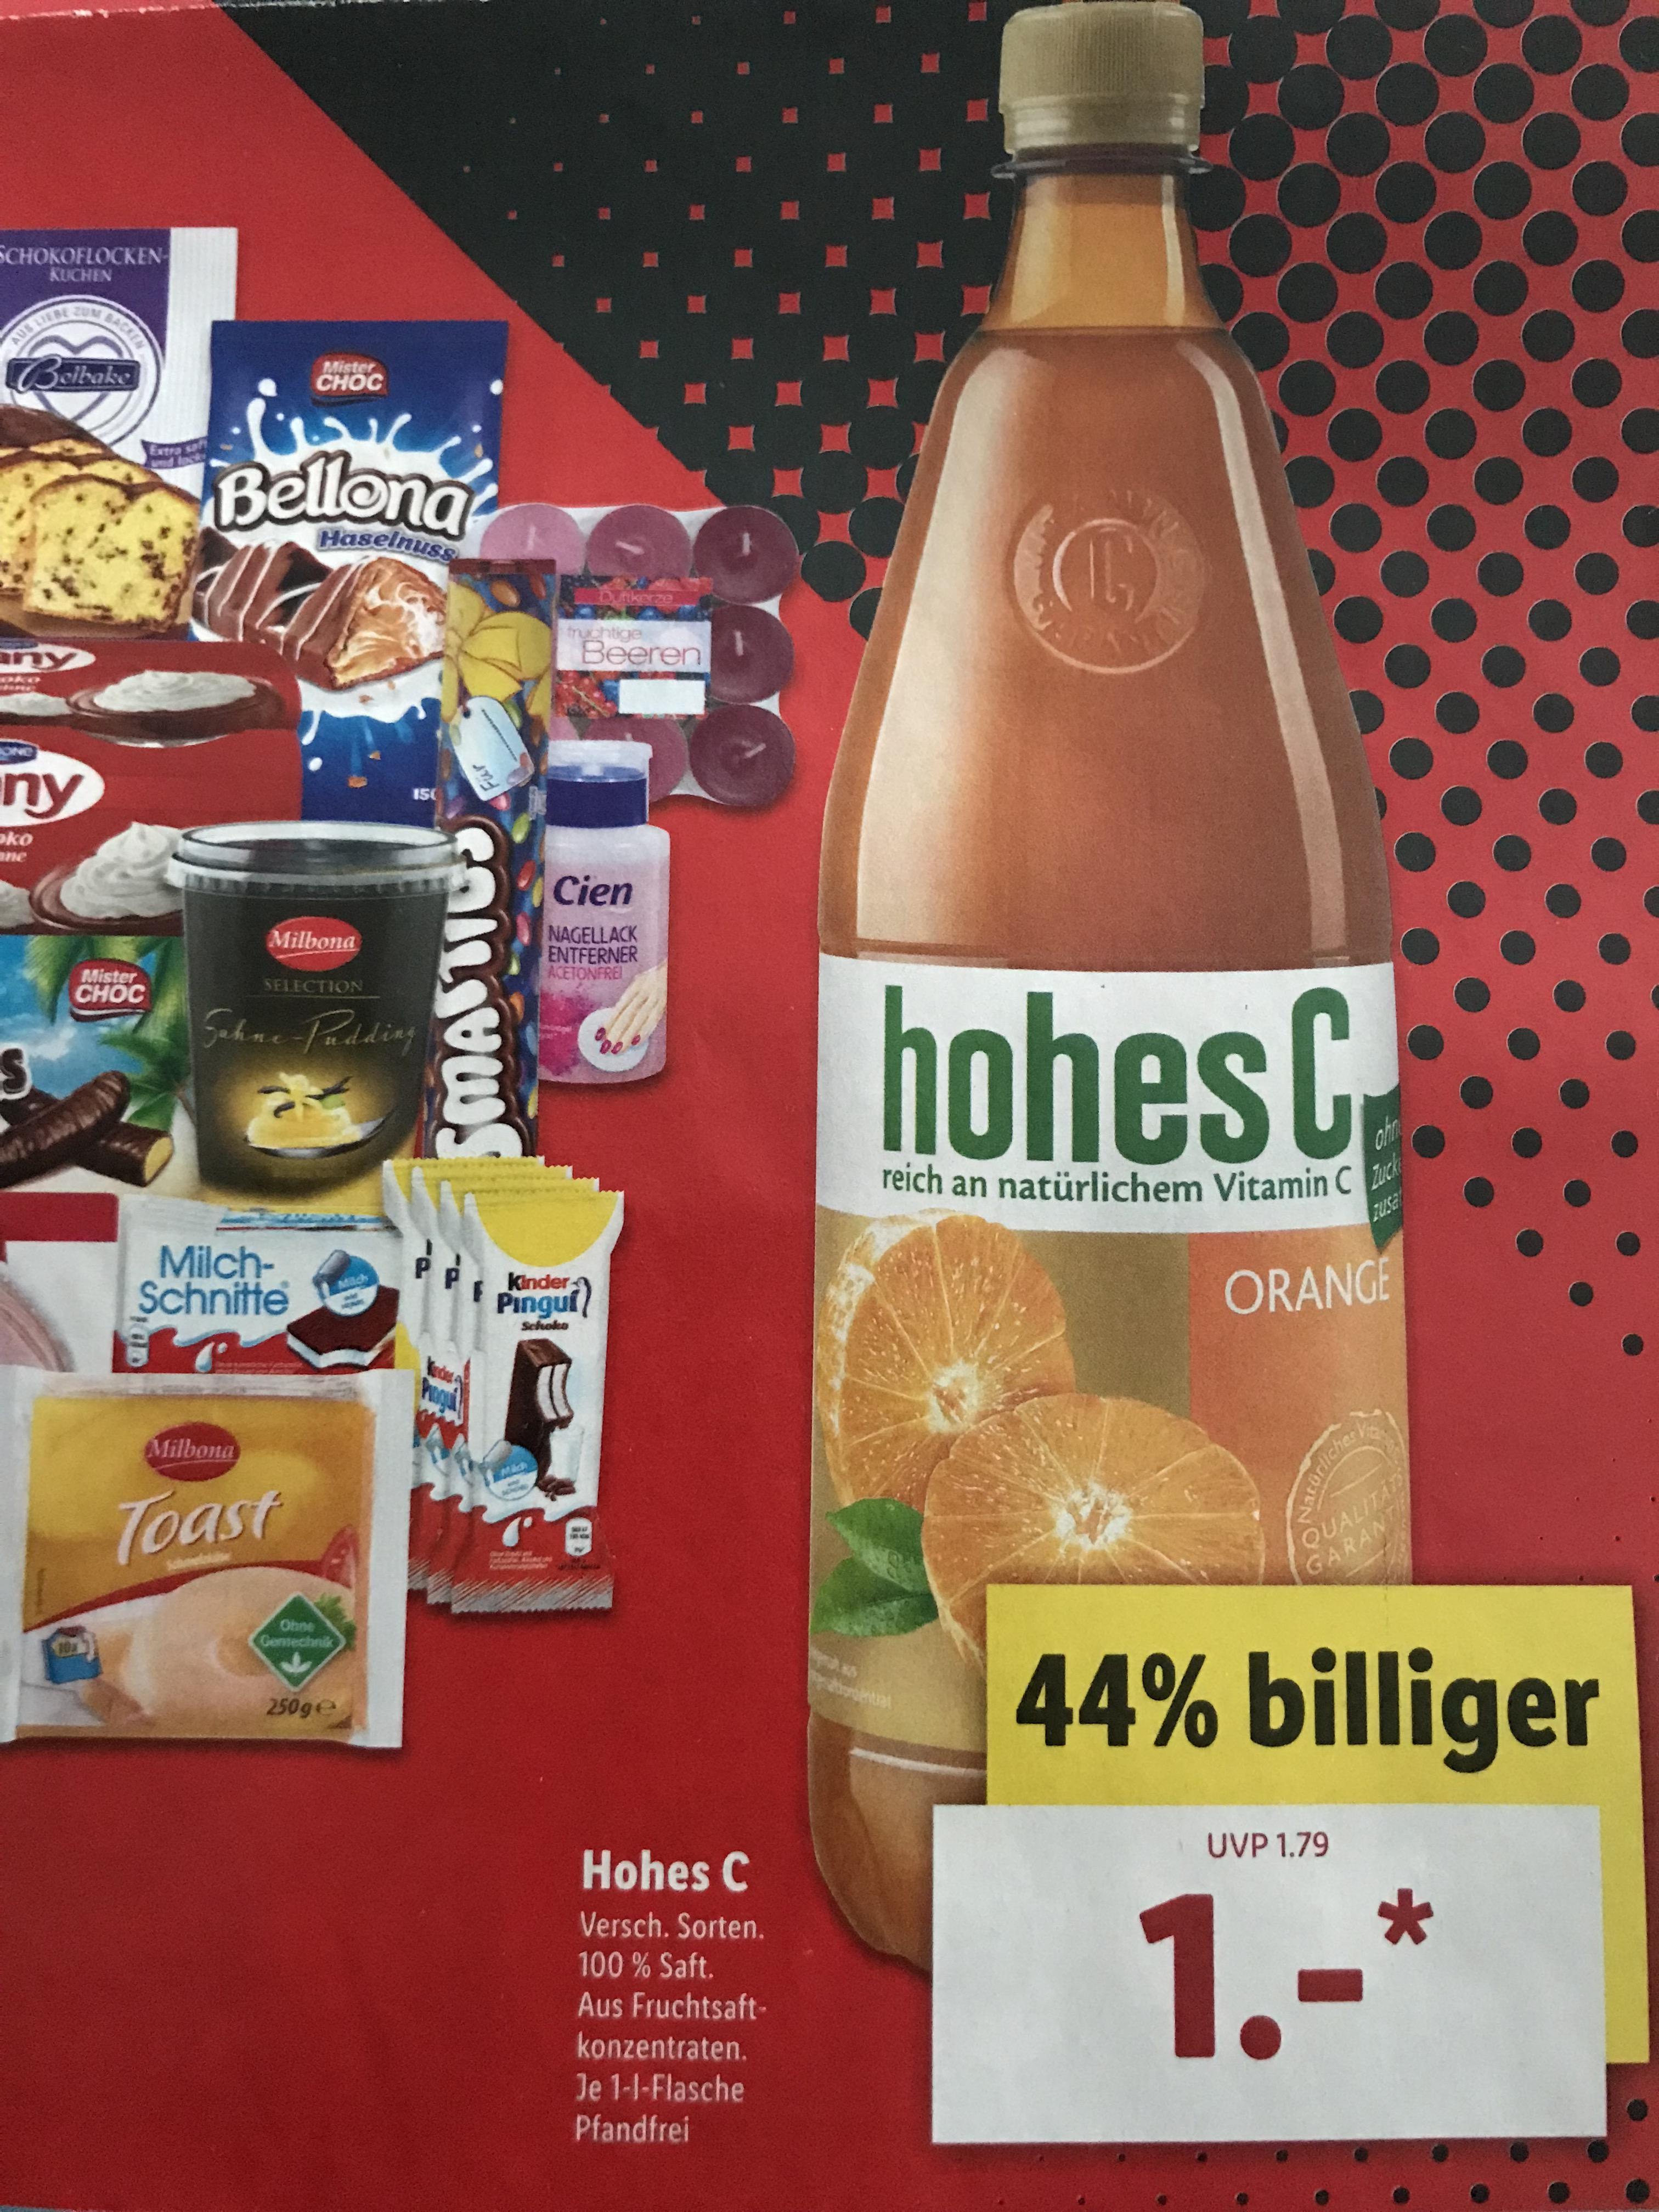 [LIDL] Hohes C - 1-Liter-Flasche für 1,00 €